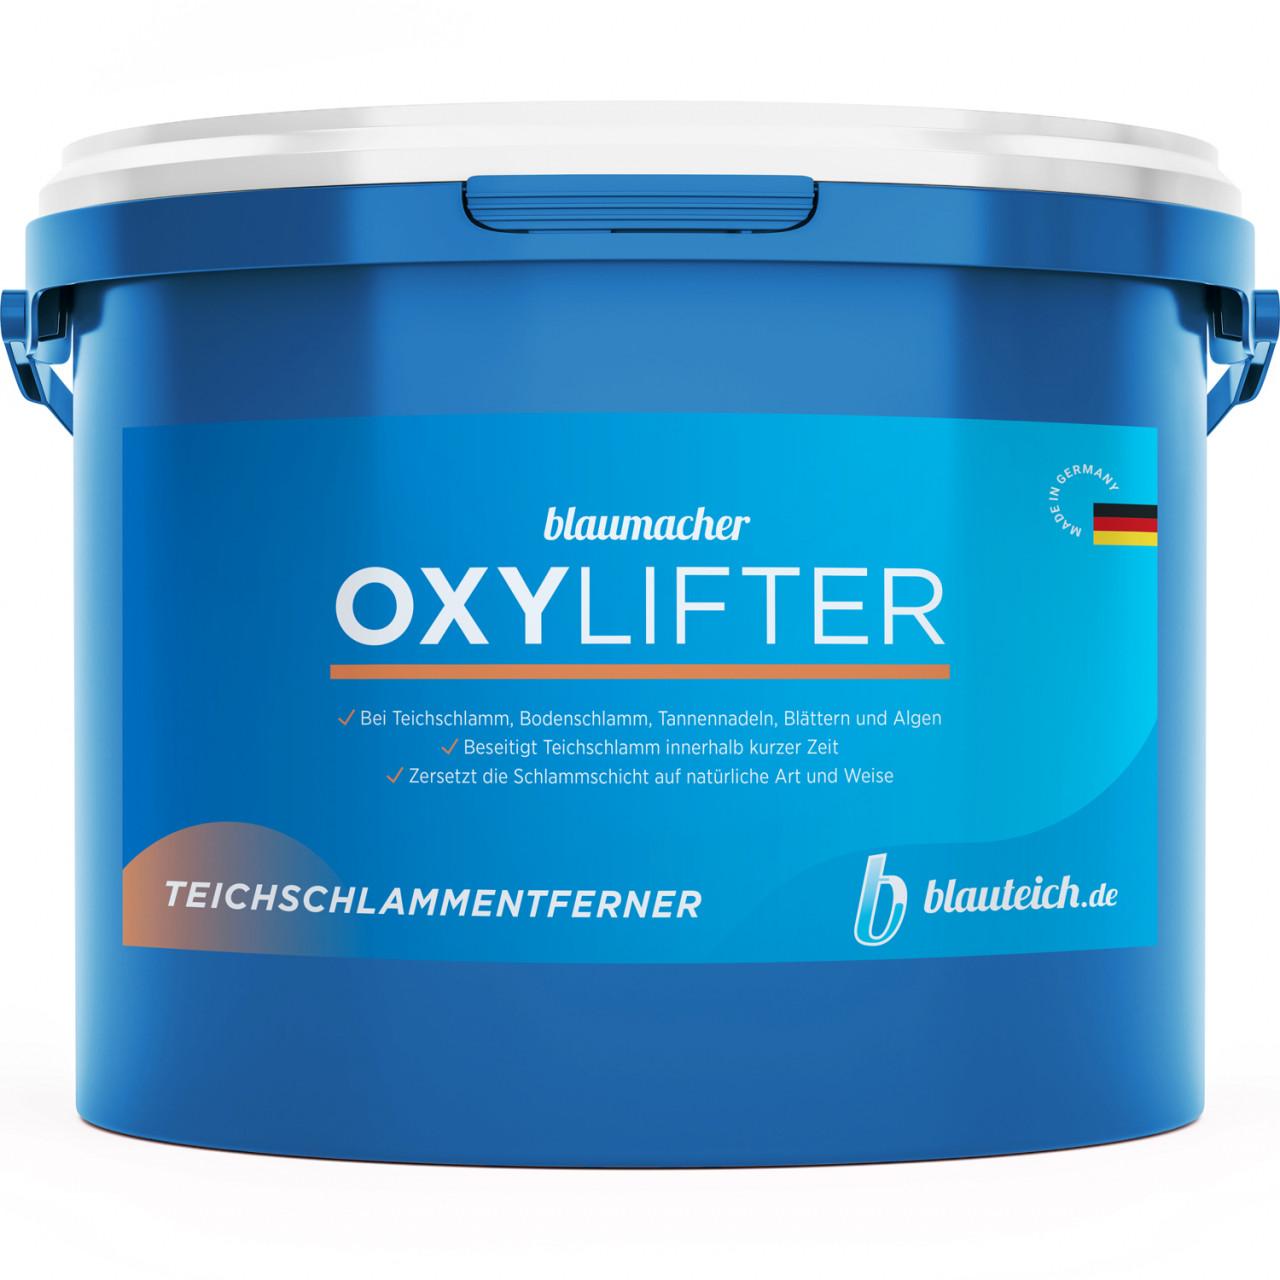 Blaumacher Oxylifter Teichschlammentferner